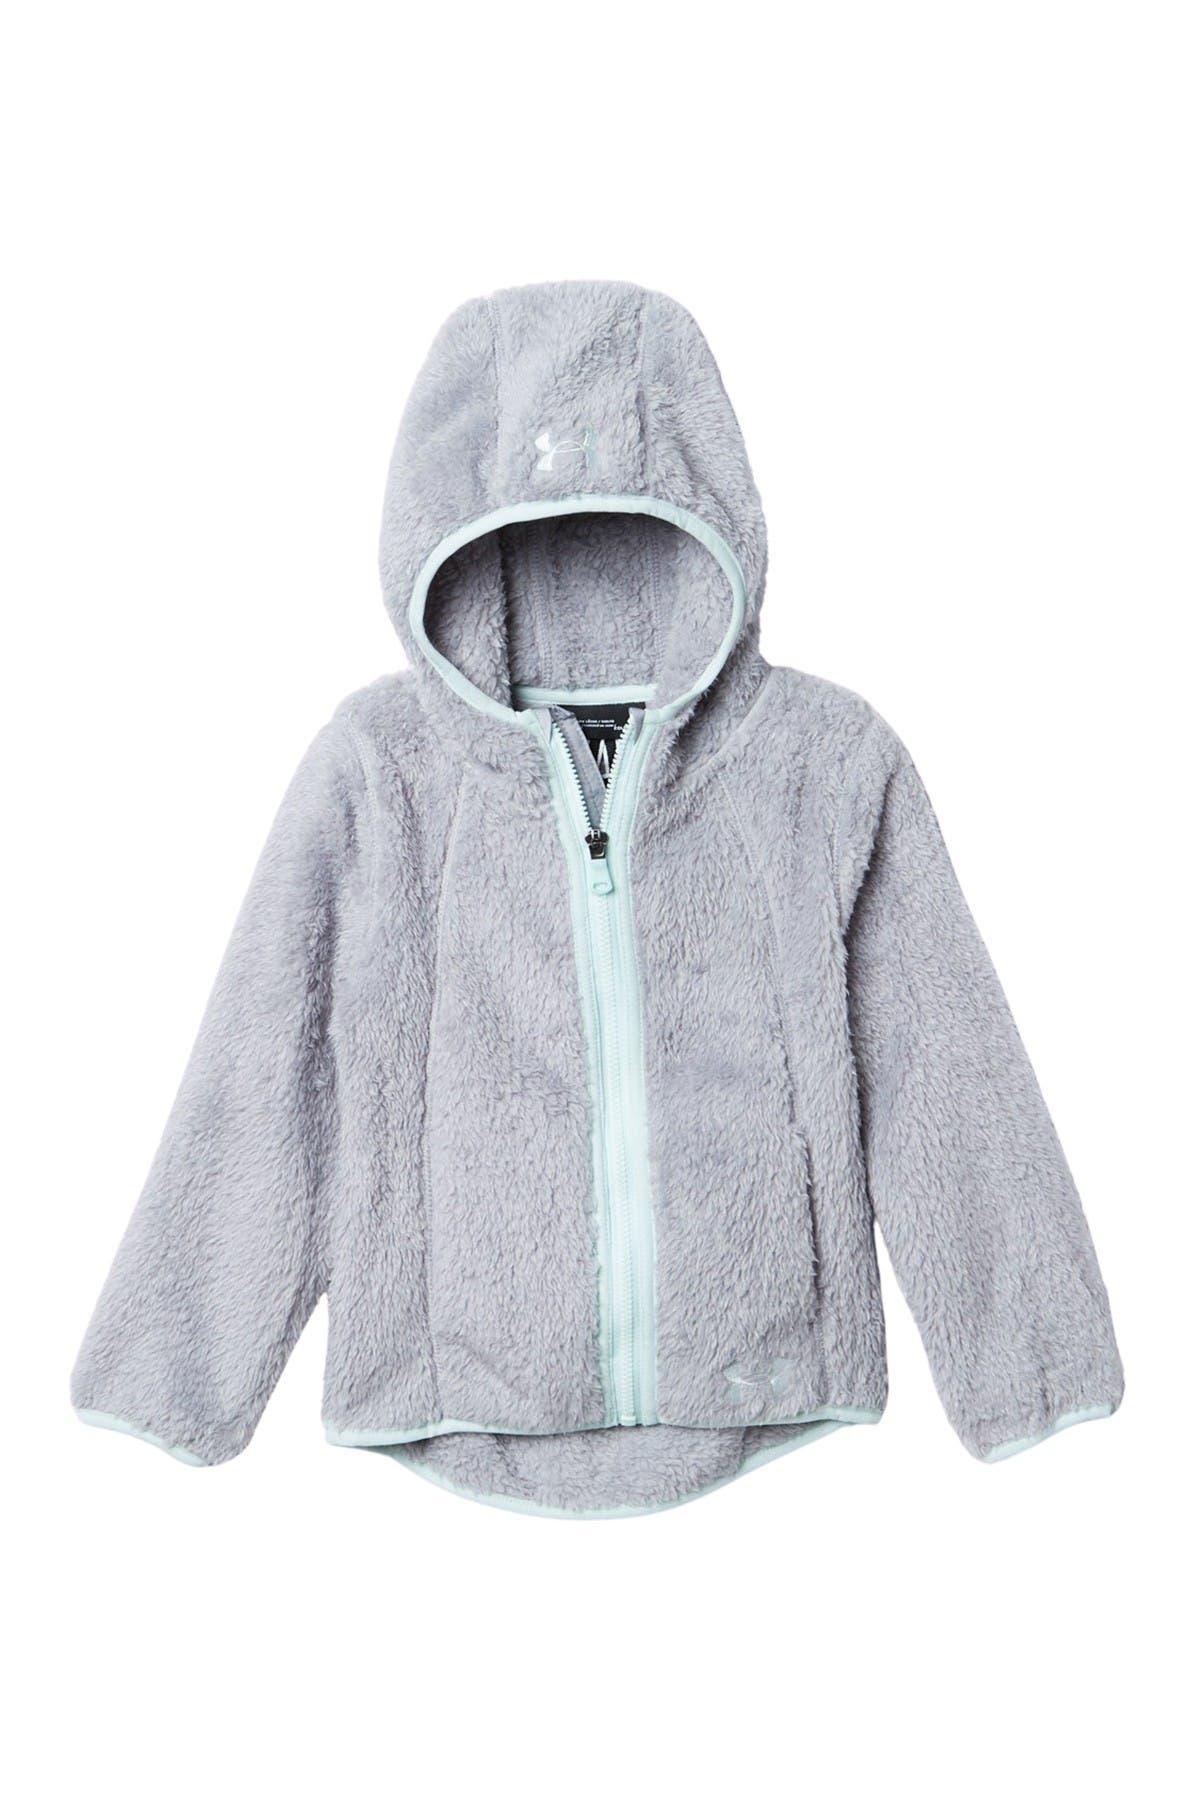 Image of Under Armour Cozy Faux Fur Fleece Zip Hoodie